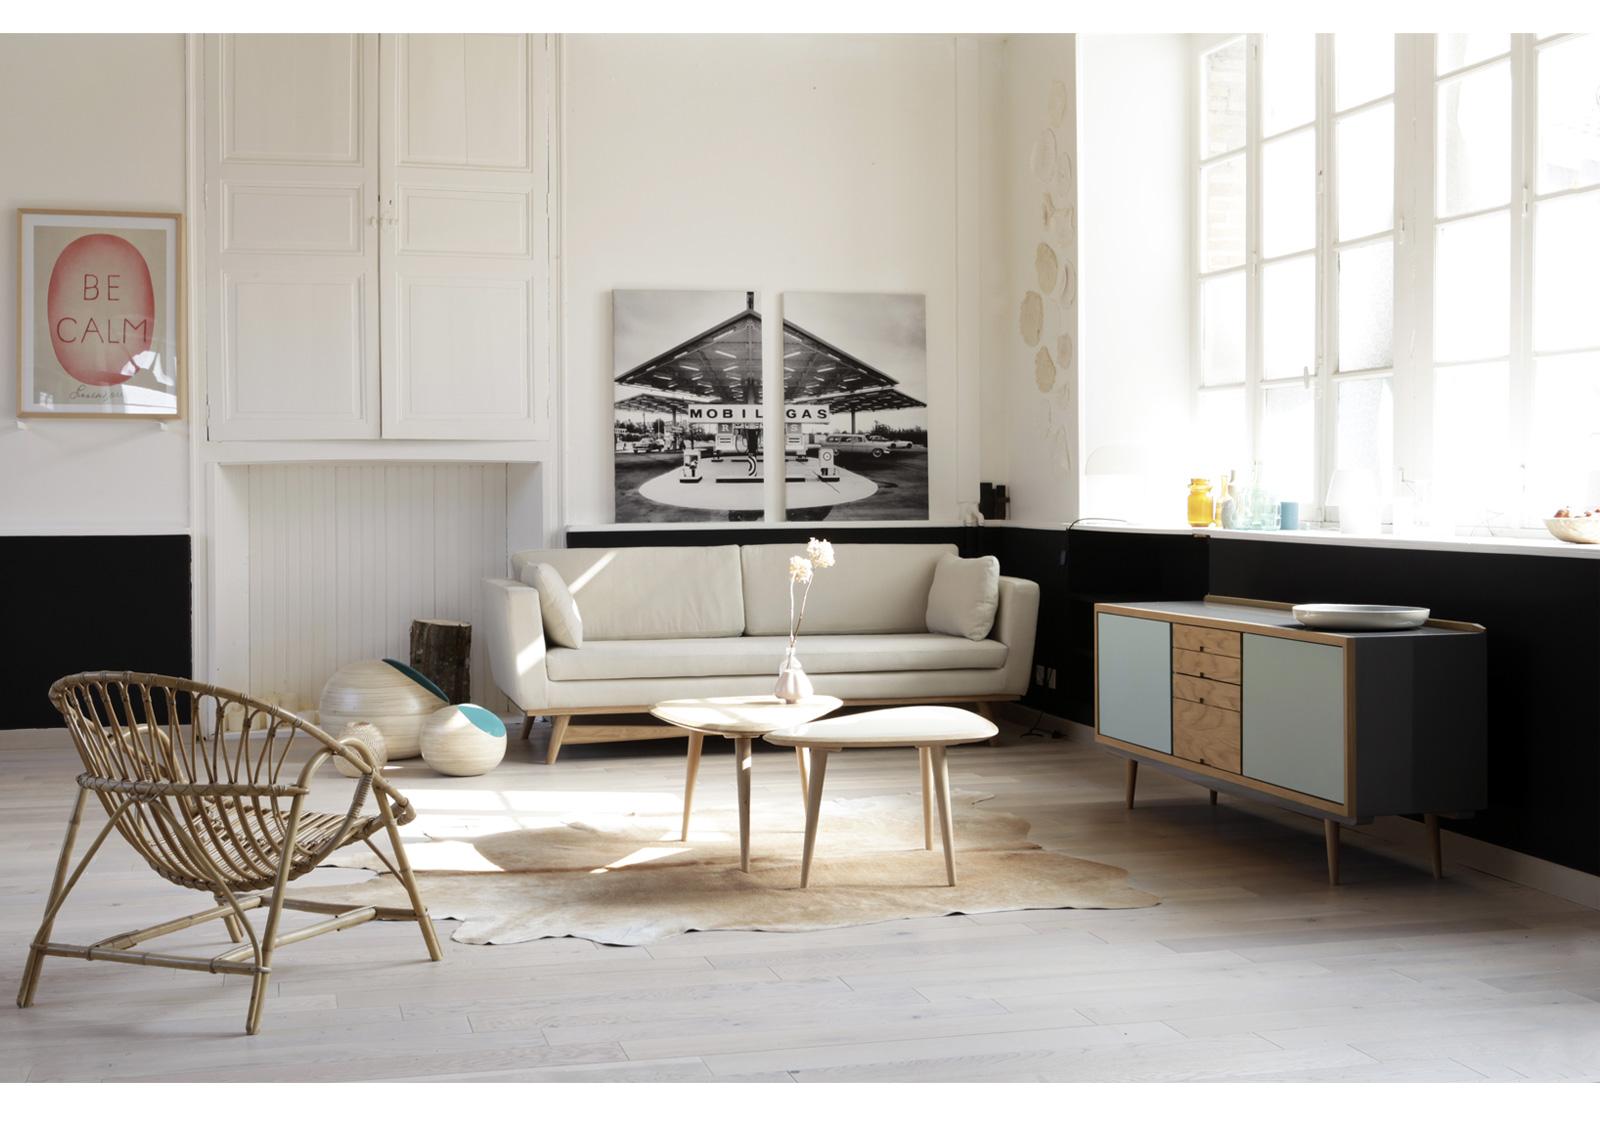 les enfilades fifties de sabrina ficarra guten morgwen. Black Bedroom Furniture Sets. Home Design Ideas